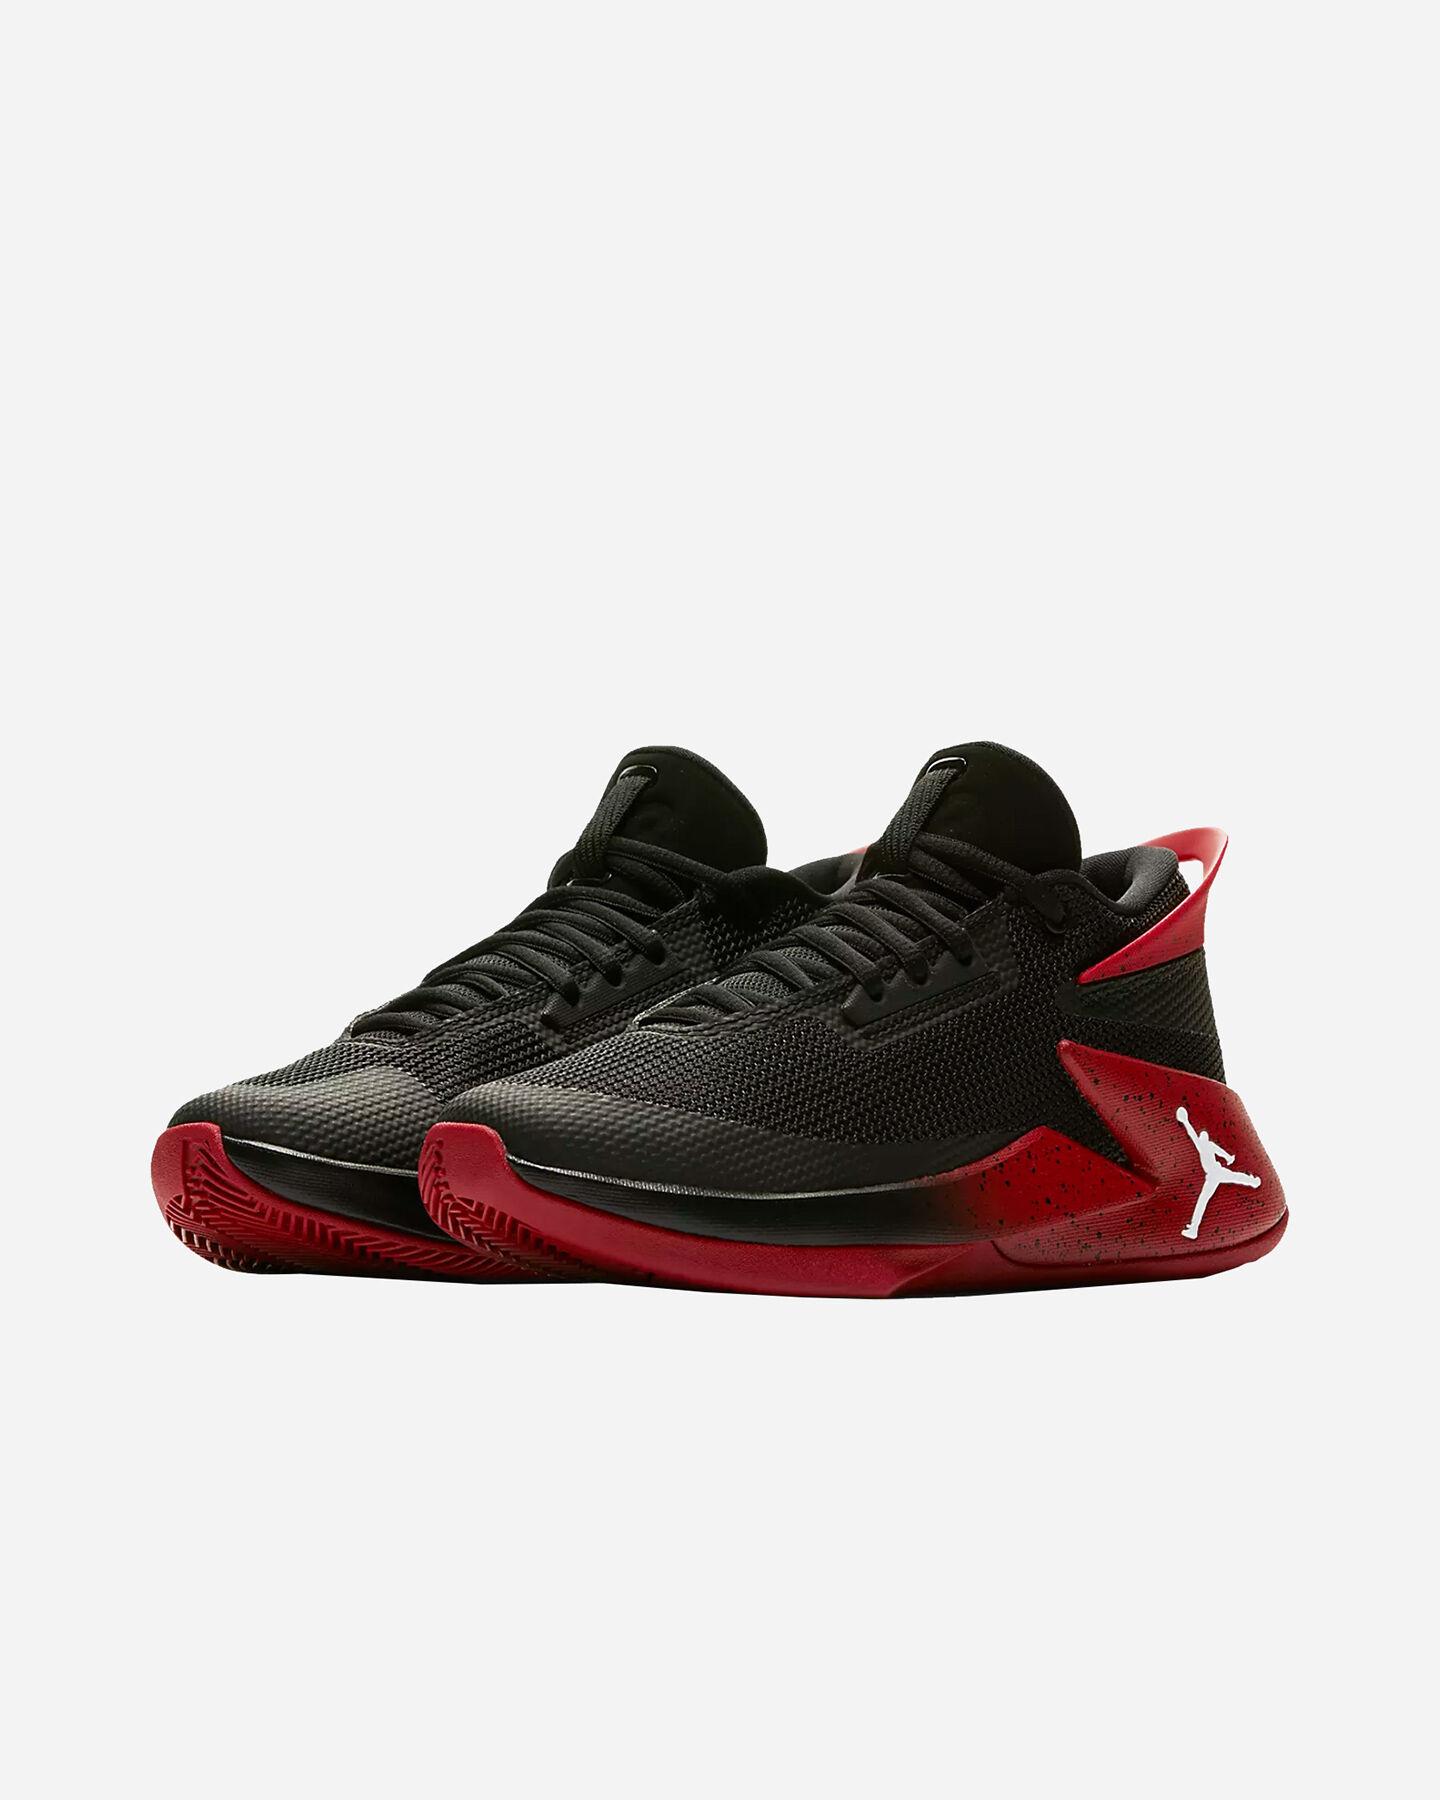 38089e31d Fly Lockdown Jr Nike Scarpe Basket Su Ao1547 023 Cisalfa Sport Jordan  EqAffgx5